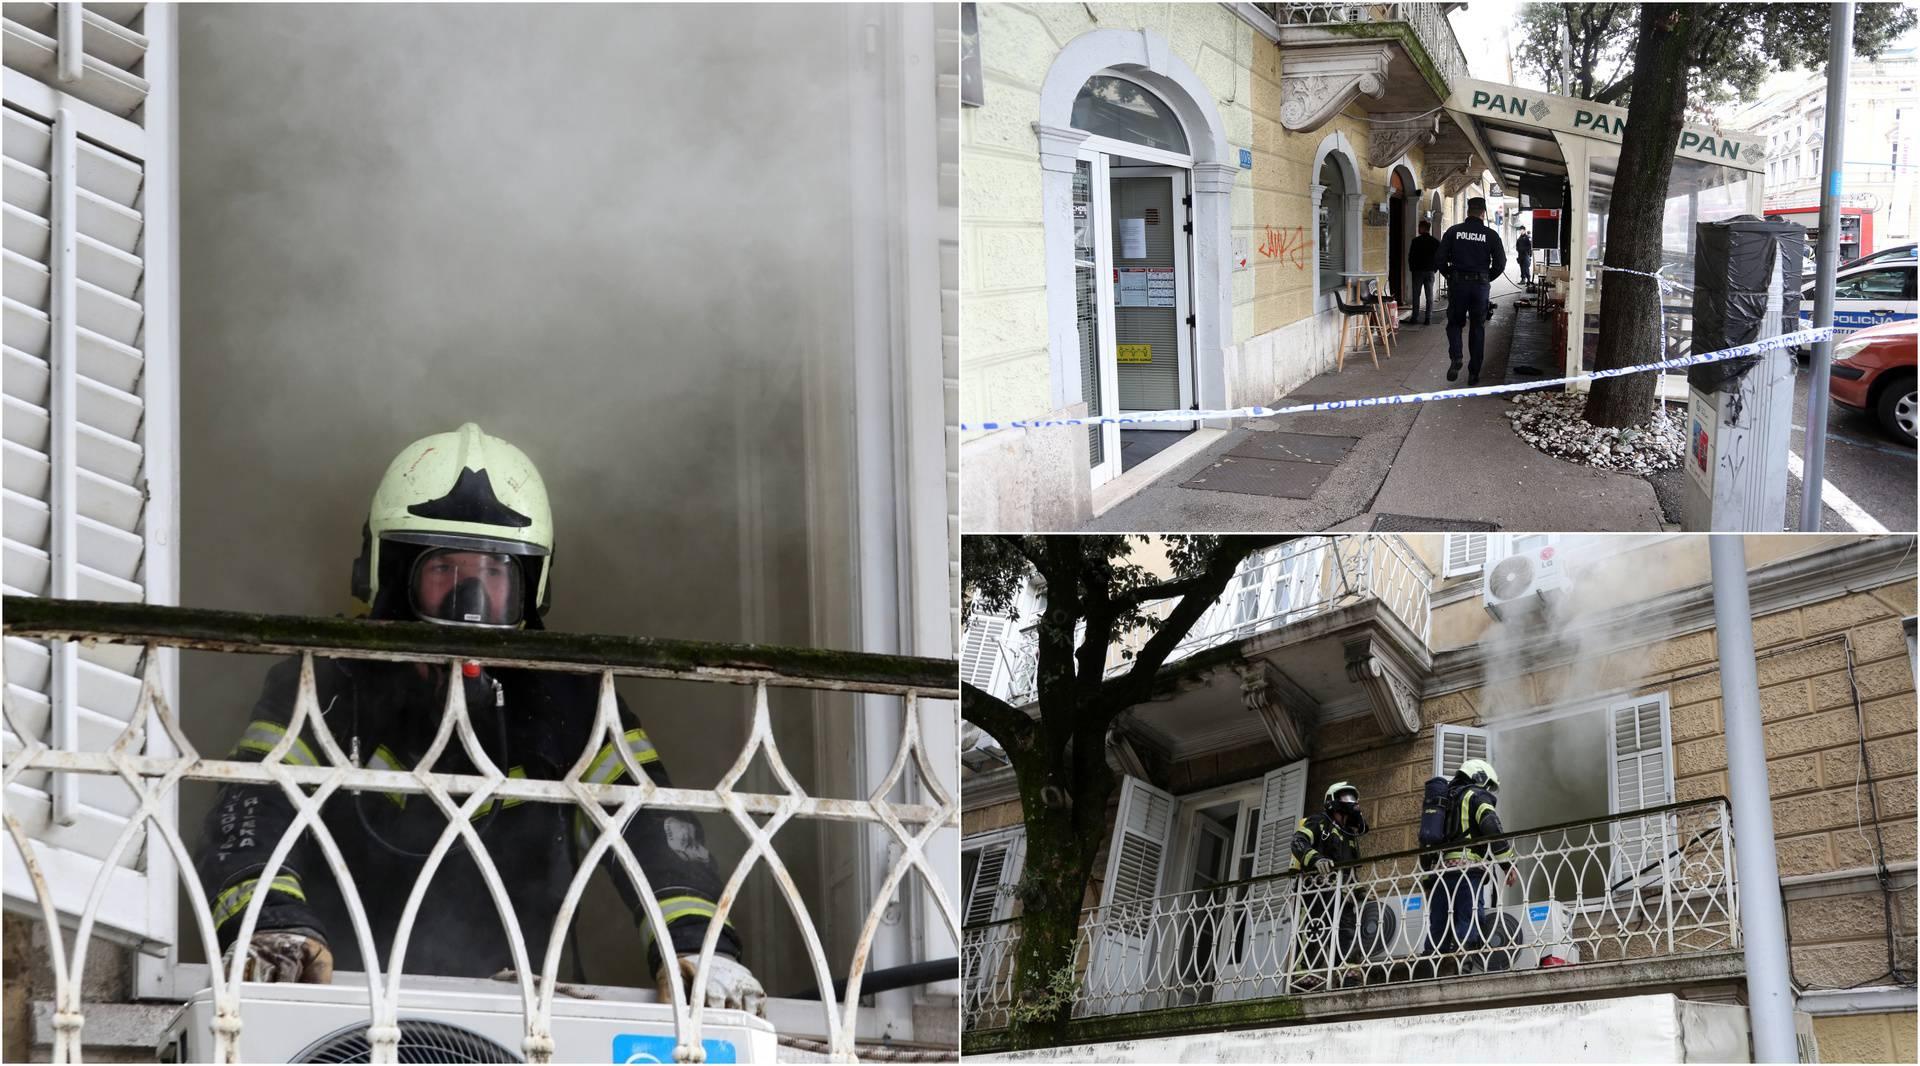 Ugašen požar na dimnjaku: Dim je probio u restoran u prizemlju!